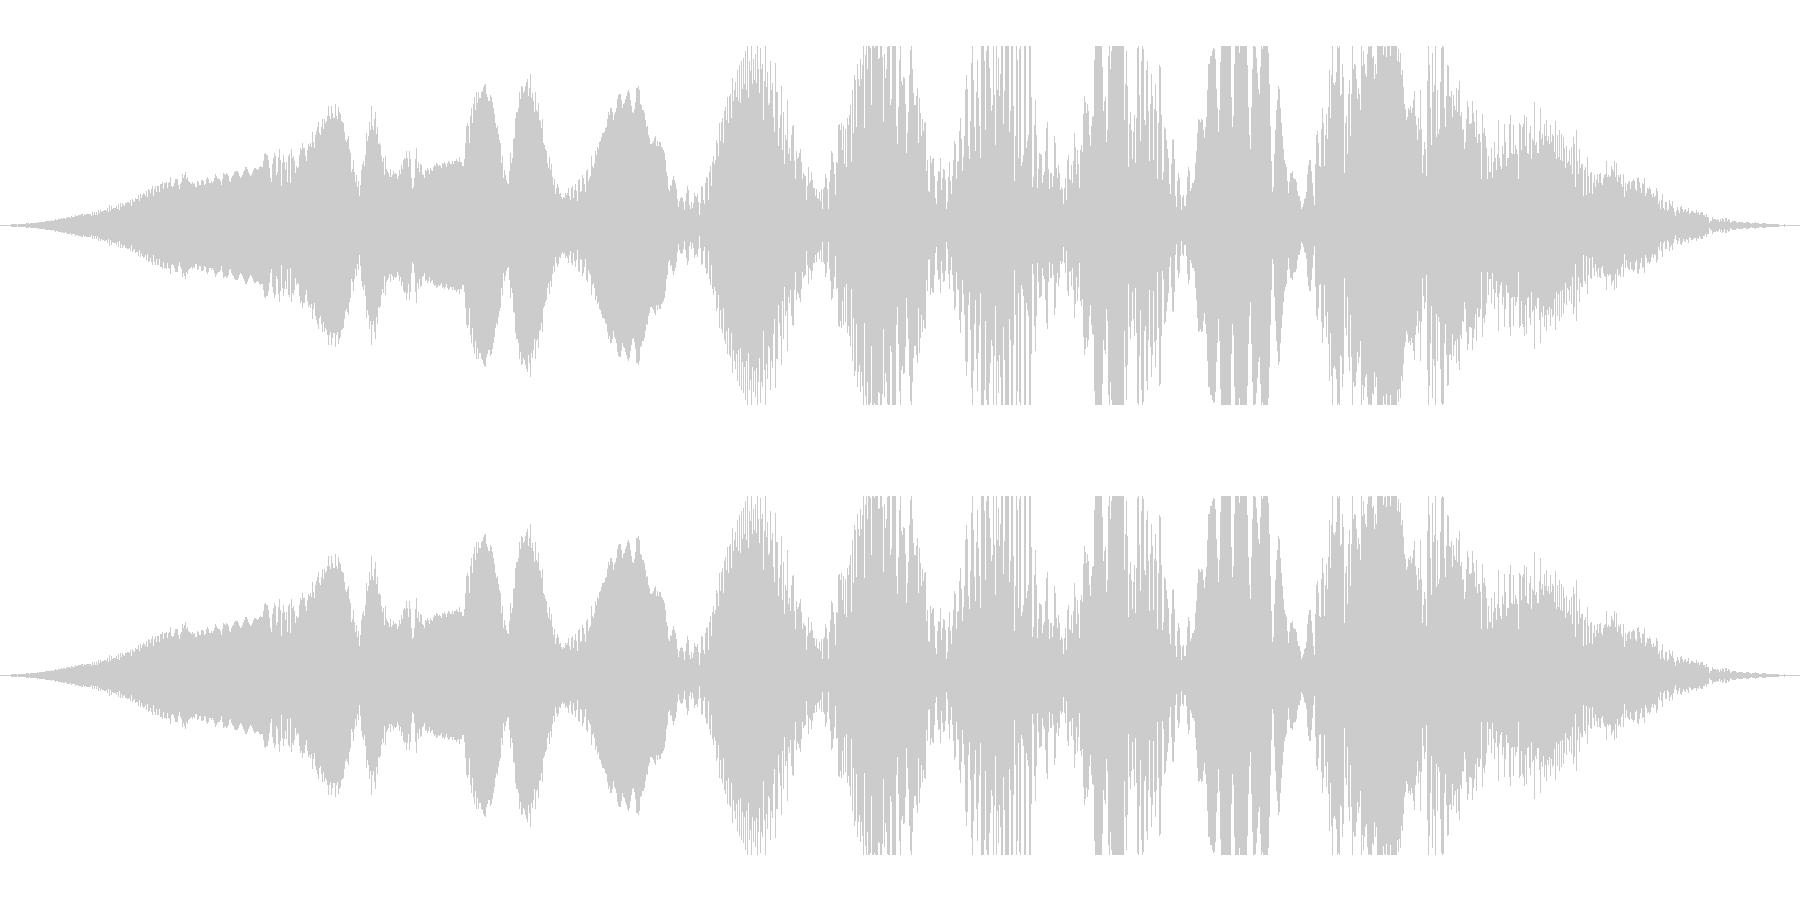 深宇宙の変動する電波干渉の未再生の波形